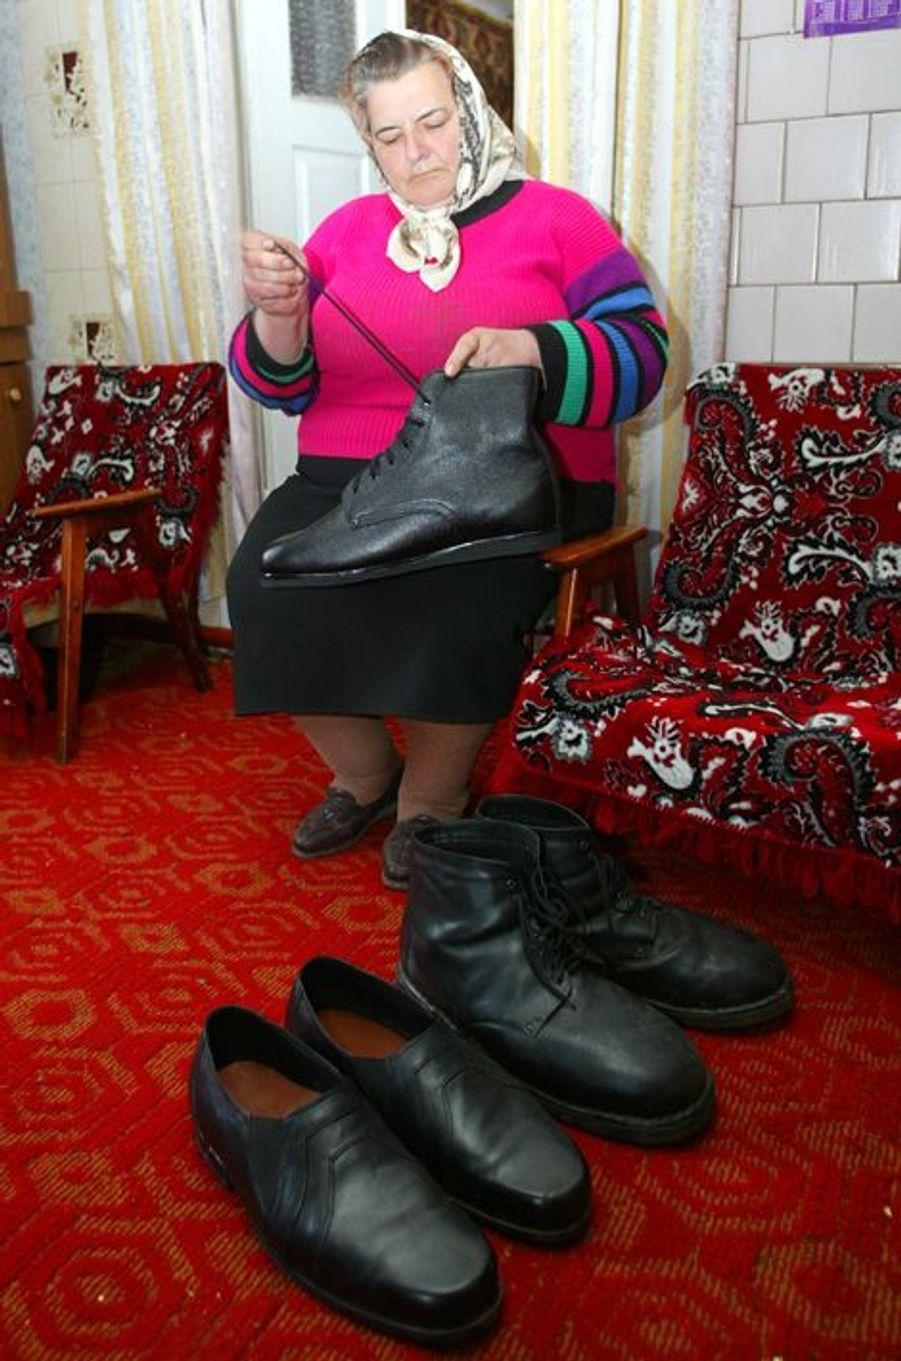 Olena Stadnyk et les chaussures de son fils